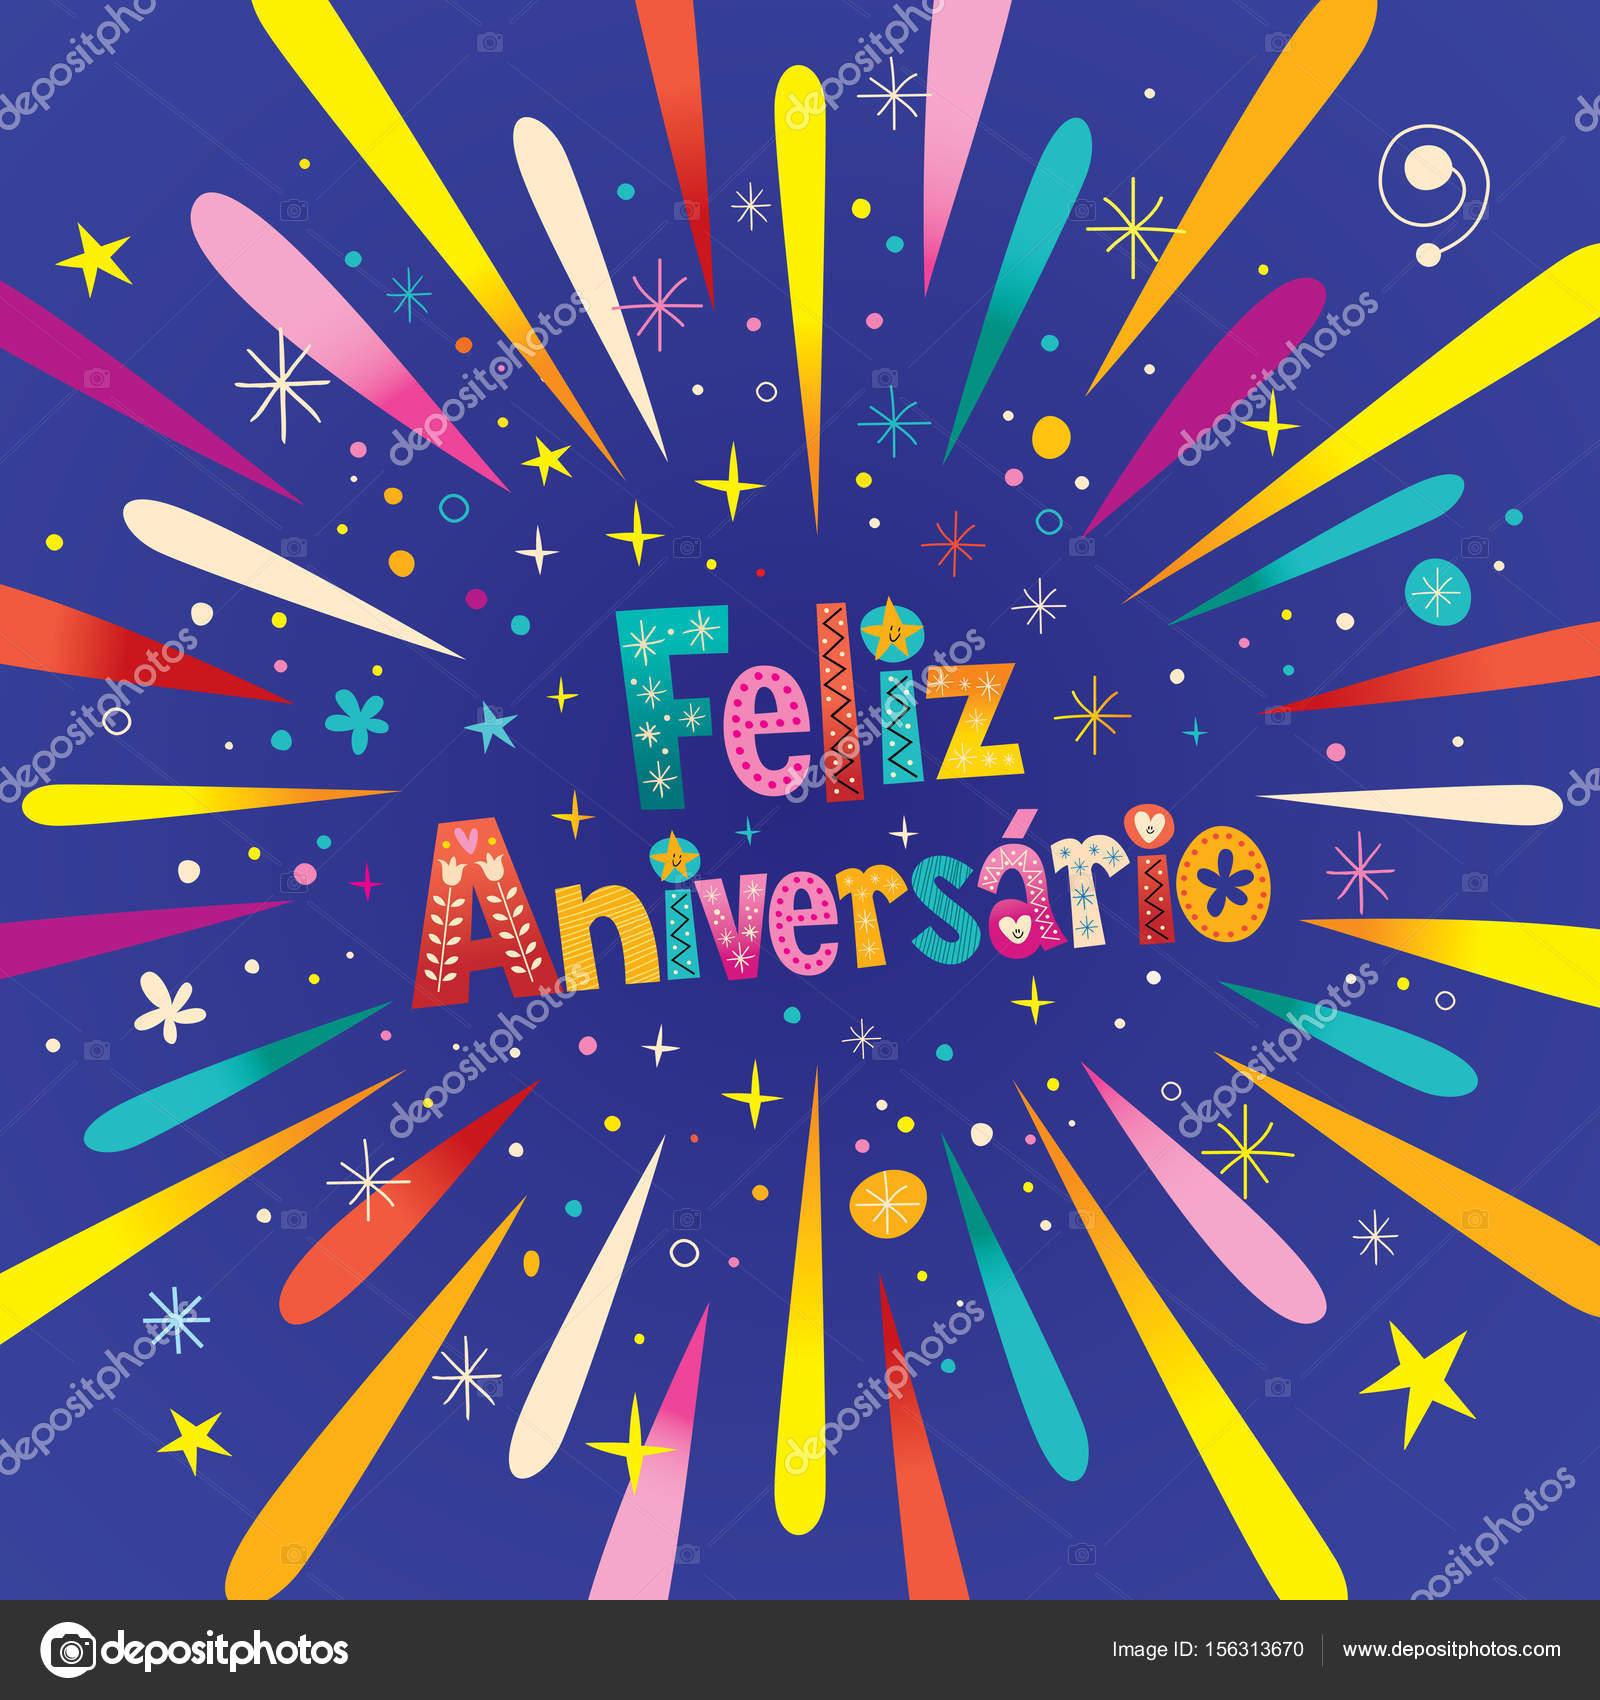 gefeliciteerd met je verjaardag in het portugees Feliz Aniversario Portugese Happy Birthday — Stockvector  gefeliciteerd met je verjaardag in het portugees